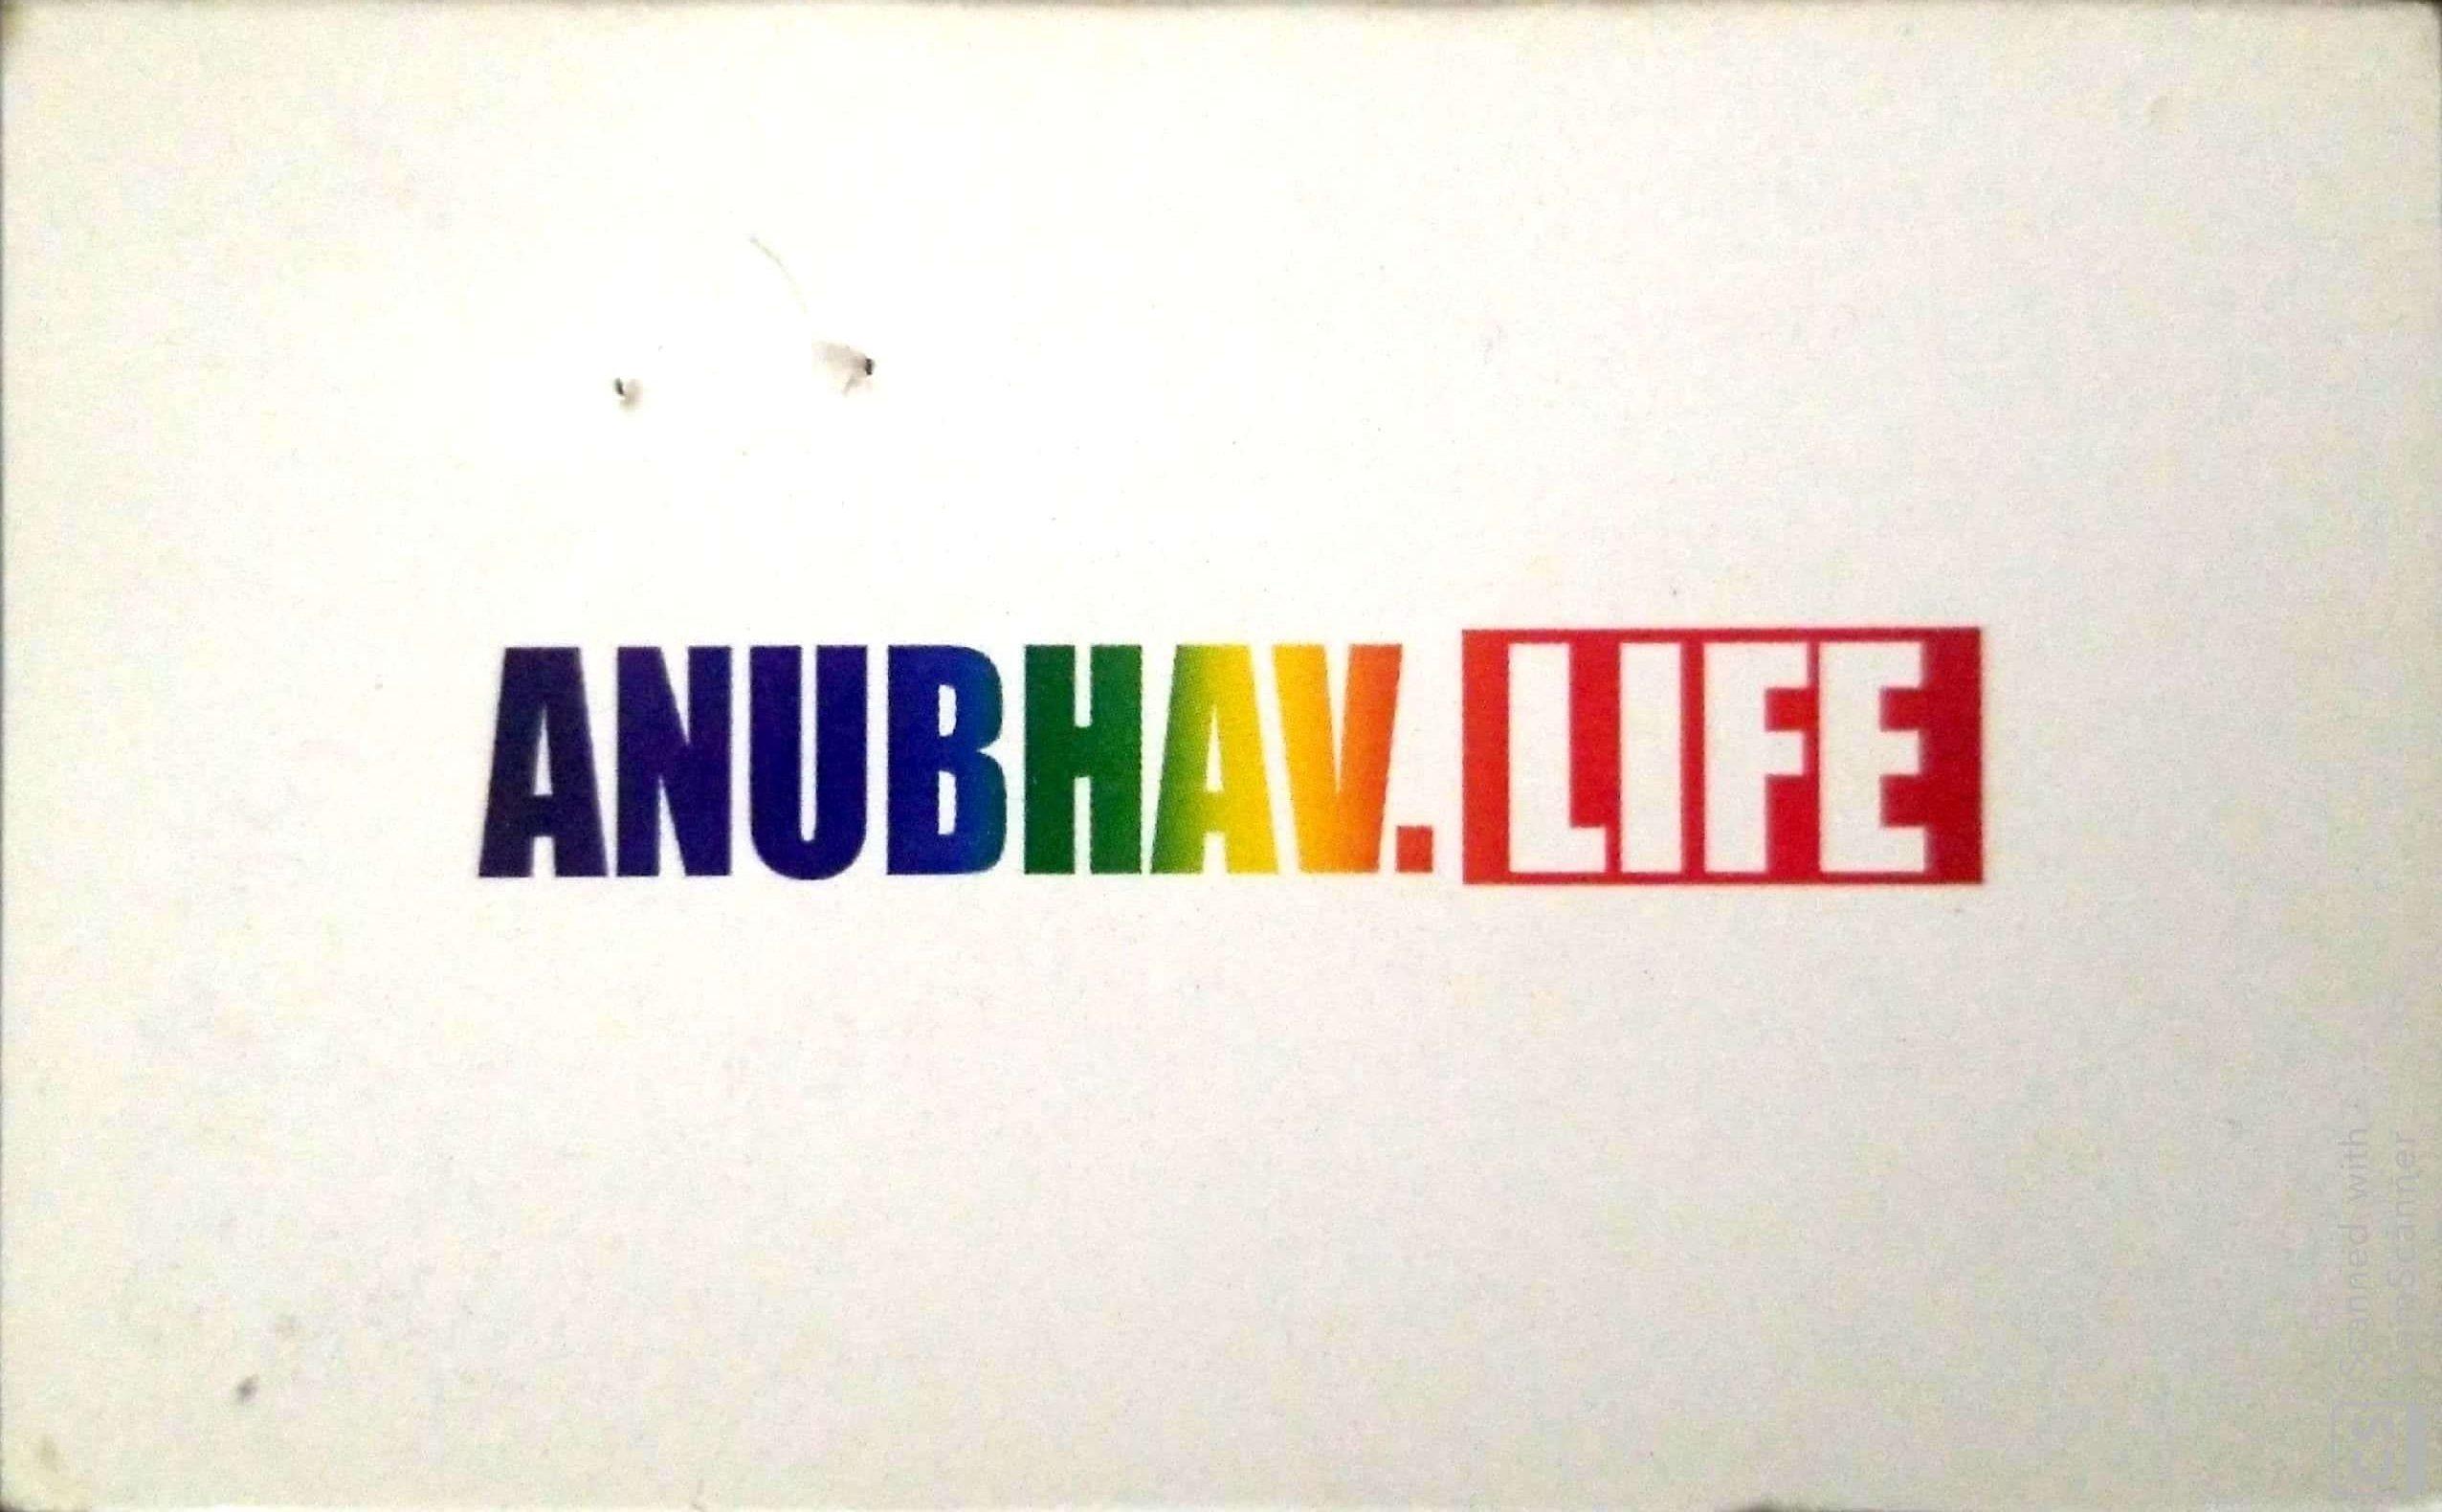 Anubhav.Life